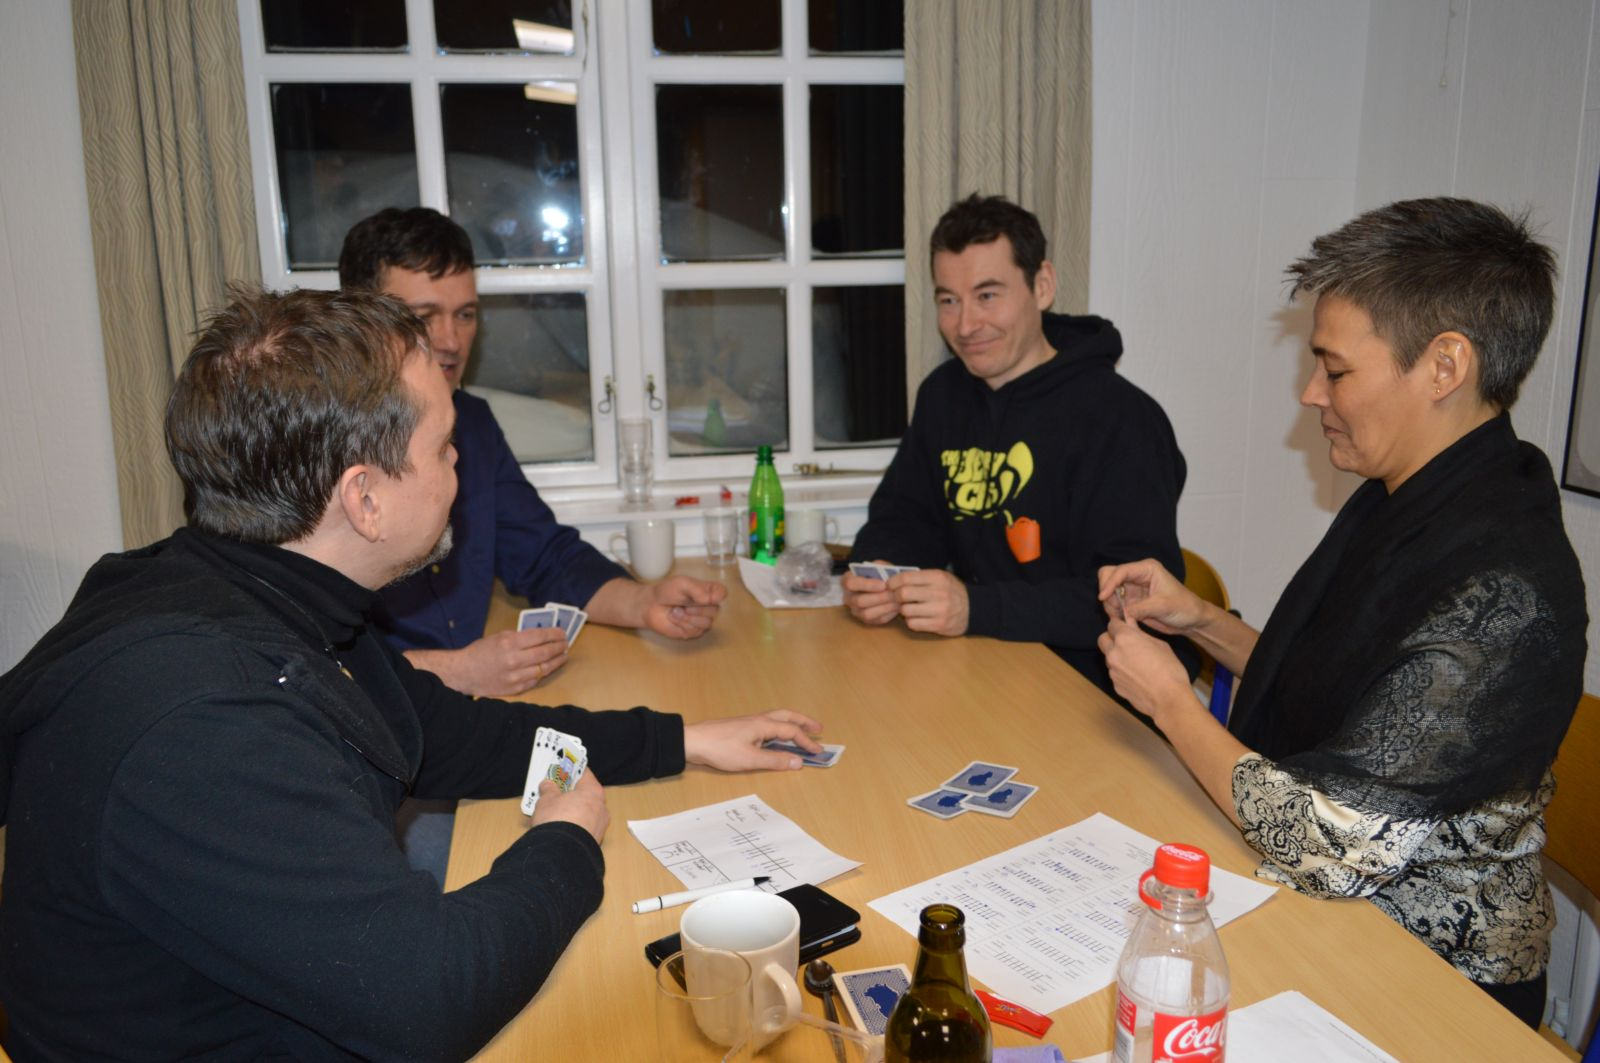 2017-03-19-0031_-_Jesper Labansen; Martin Chemnitz; Miki Kristiansen; Nuuna Papis Chemnitz; Wormsturnering